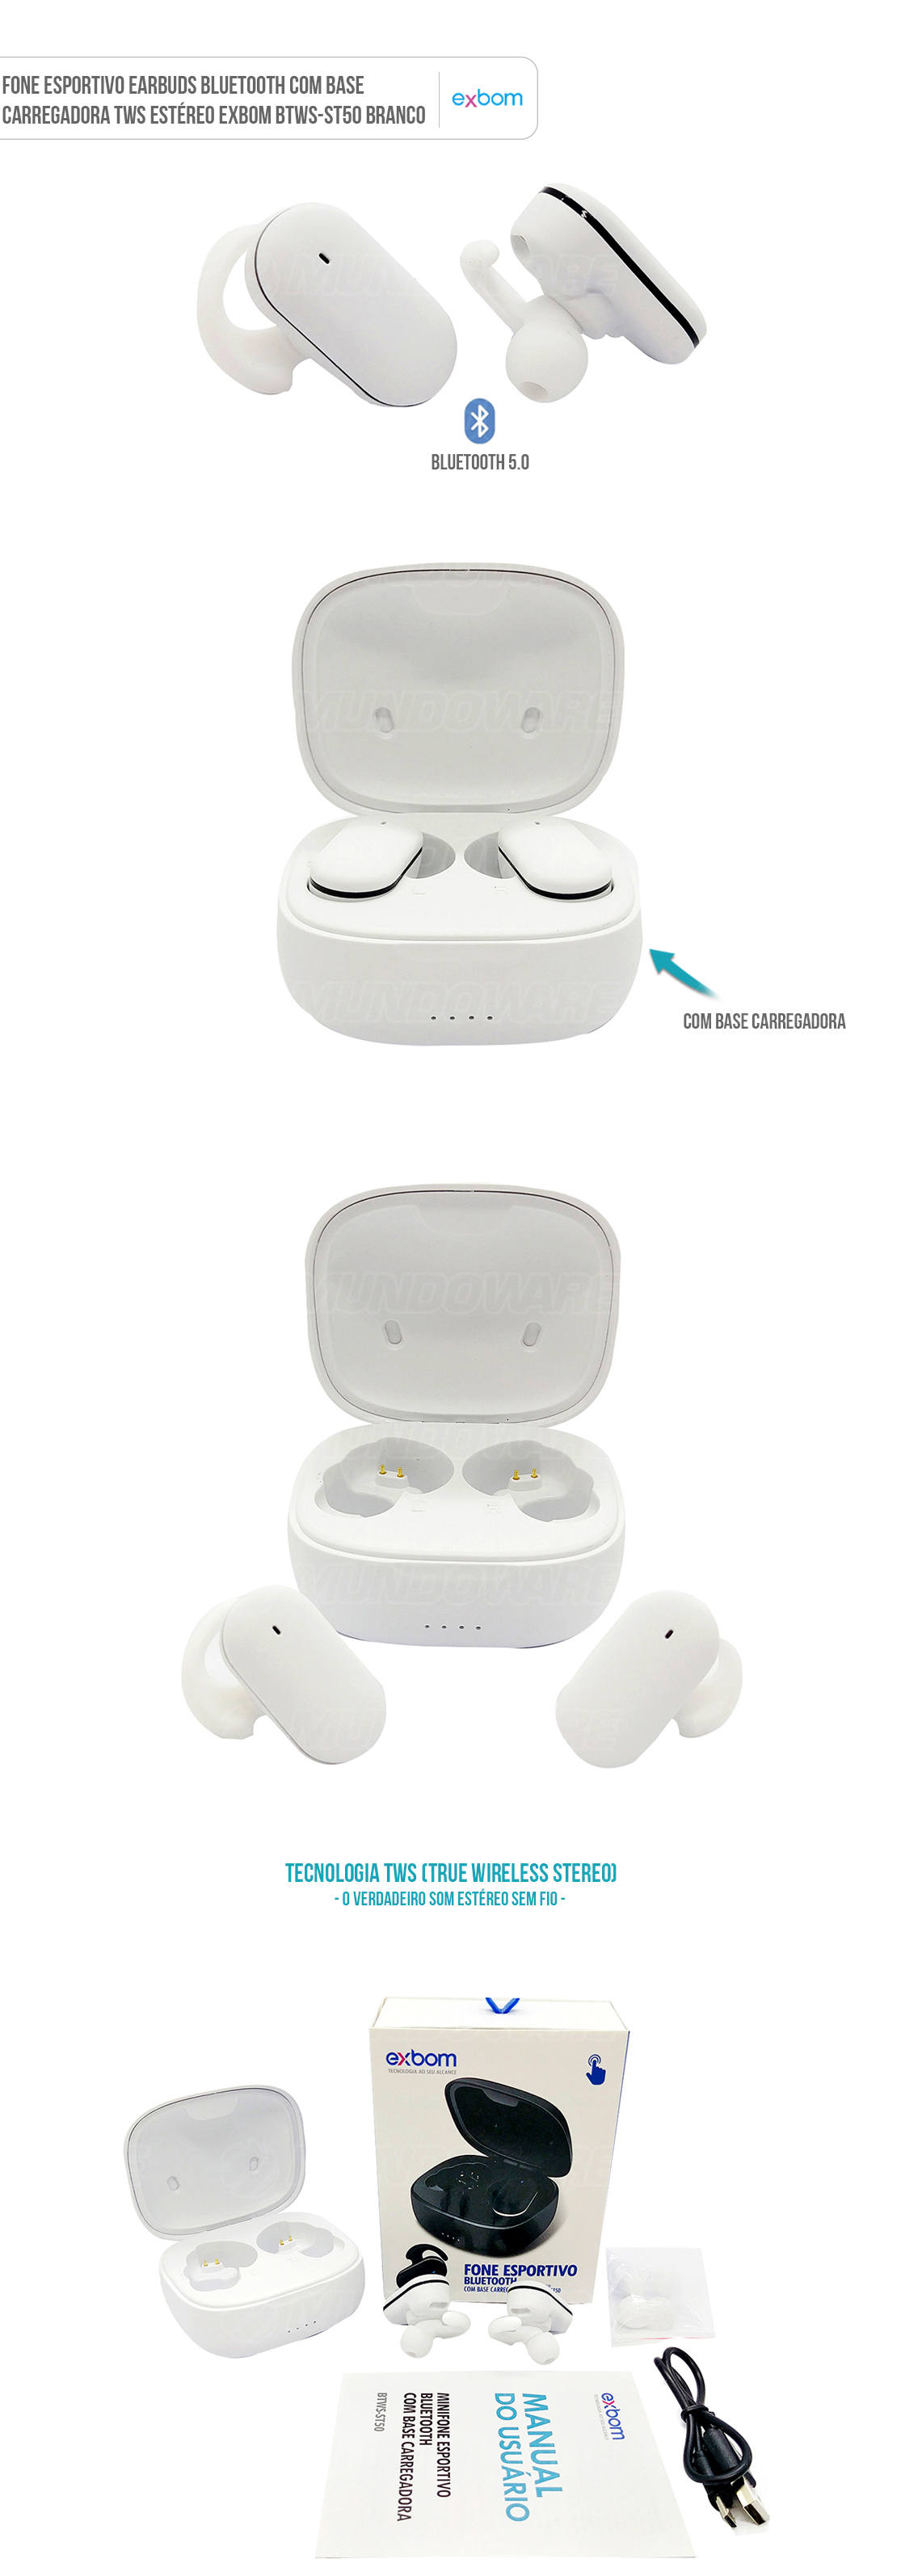 Fone Sem Fio Esporte Bluetooth com Base Carregadora TWS Estéreo